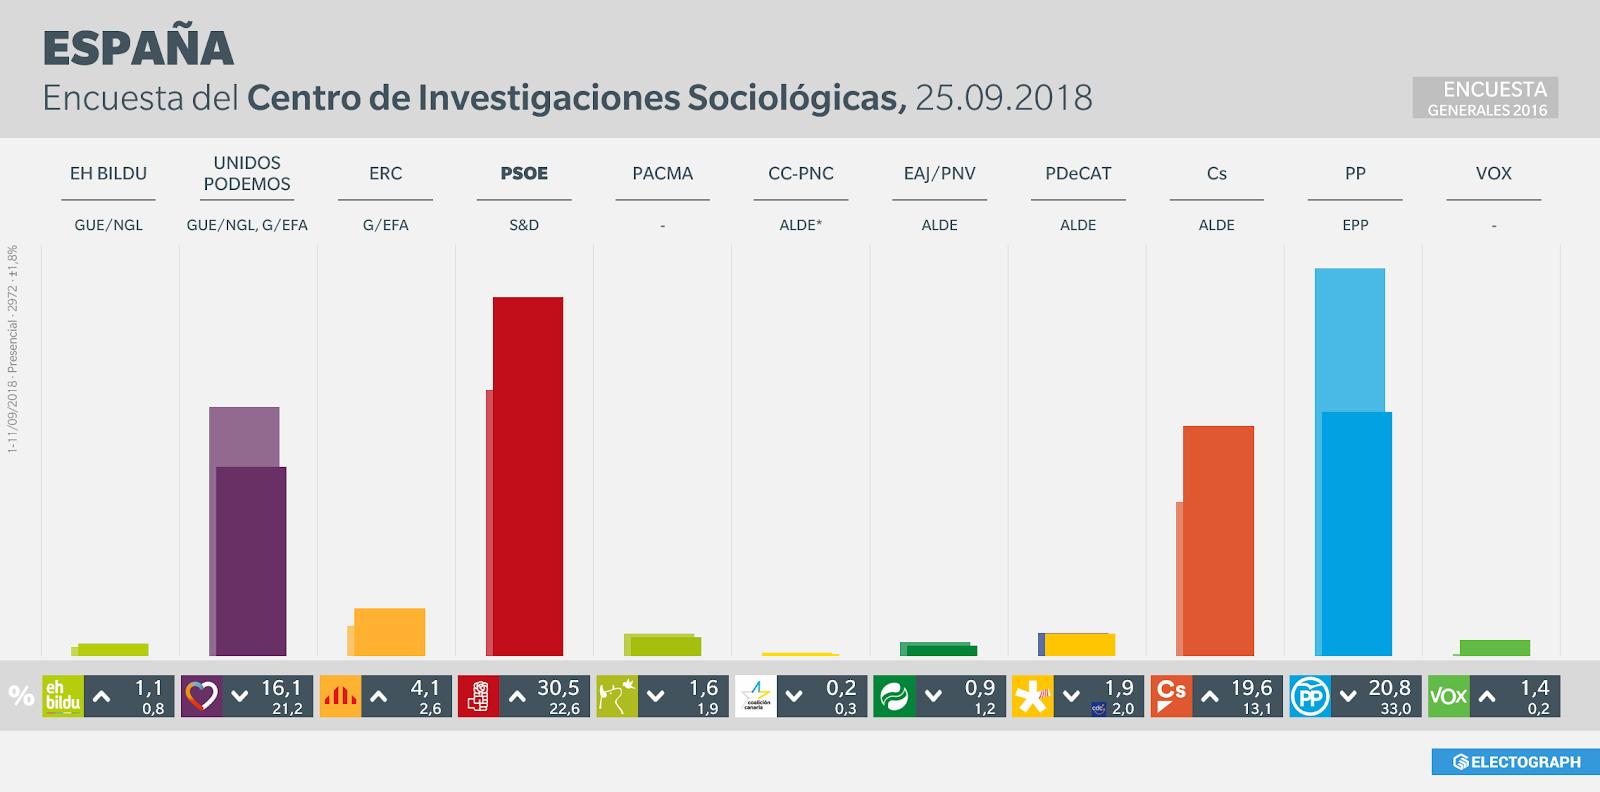 Gráfico de la encuesta para elecciones generales en España realizada por el CIS en septiembre de 2018